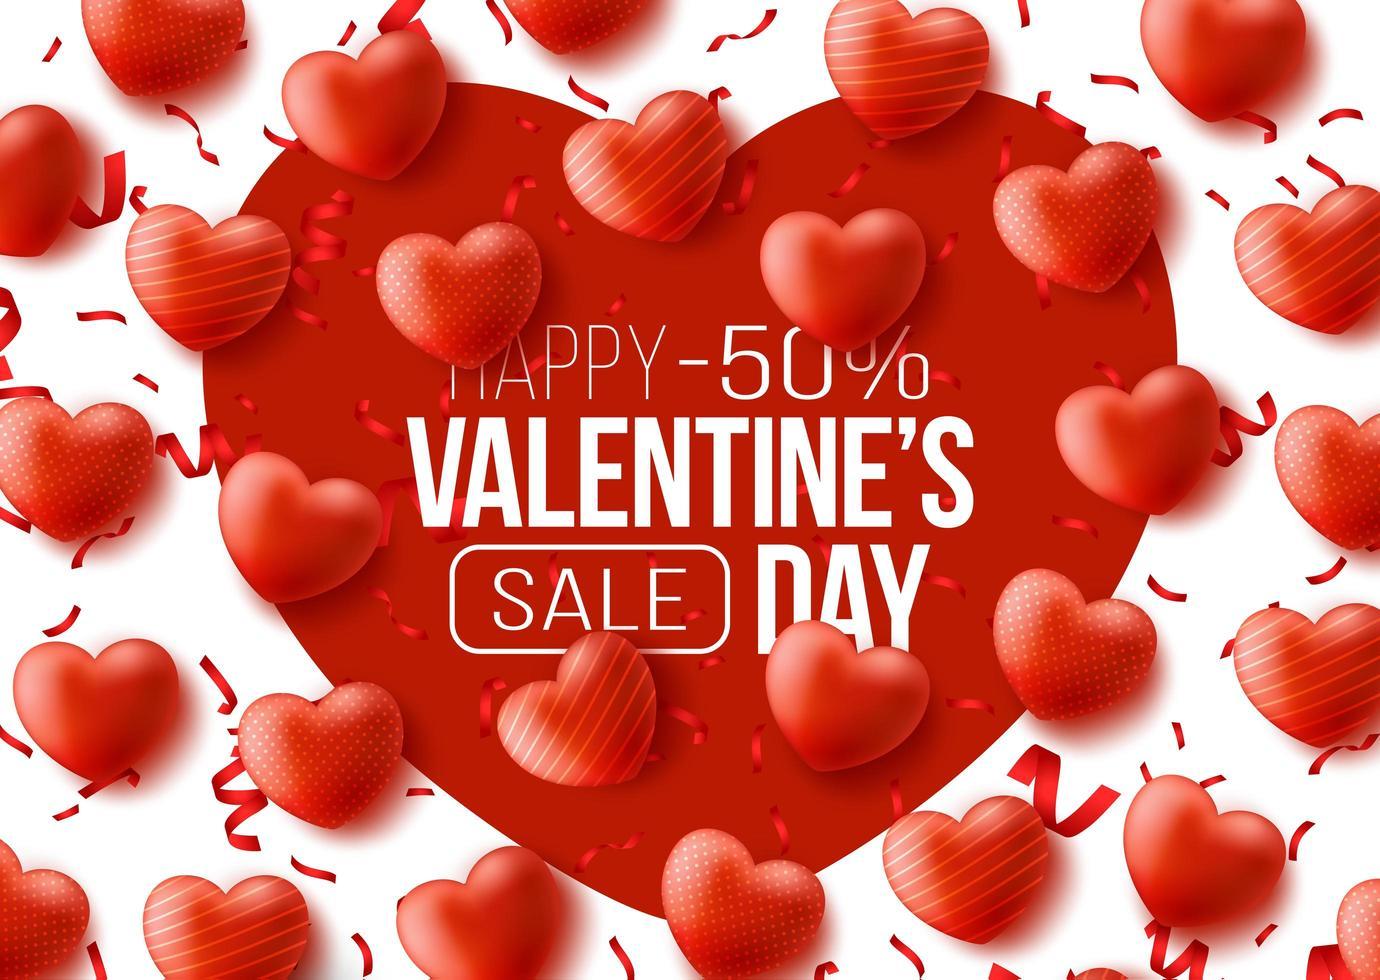 Promo-Web-Banner für den Valentinstag-Verkauf vektor